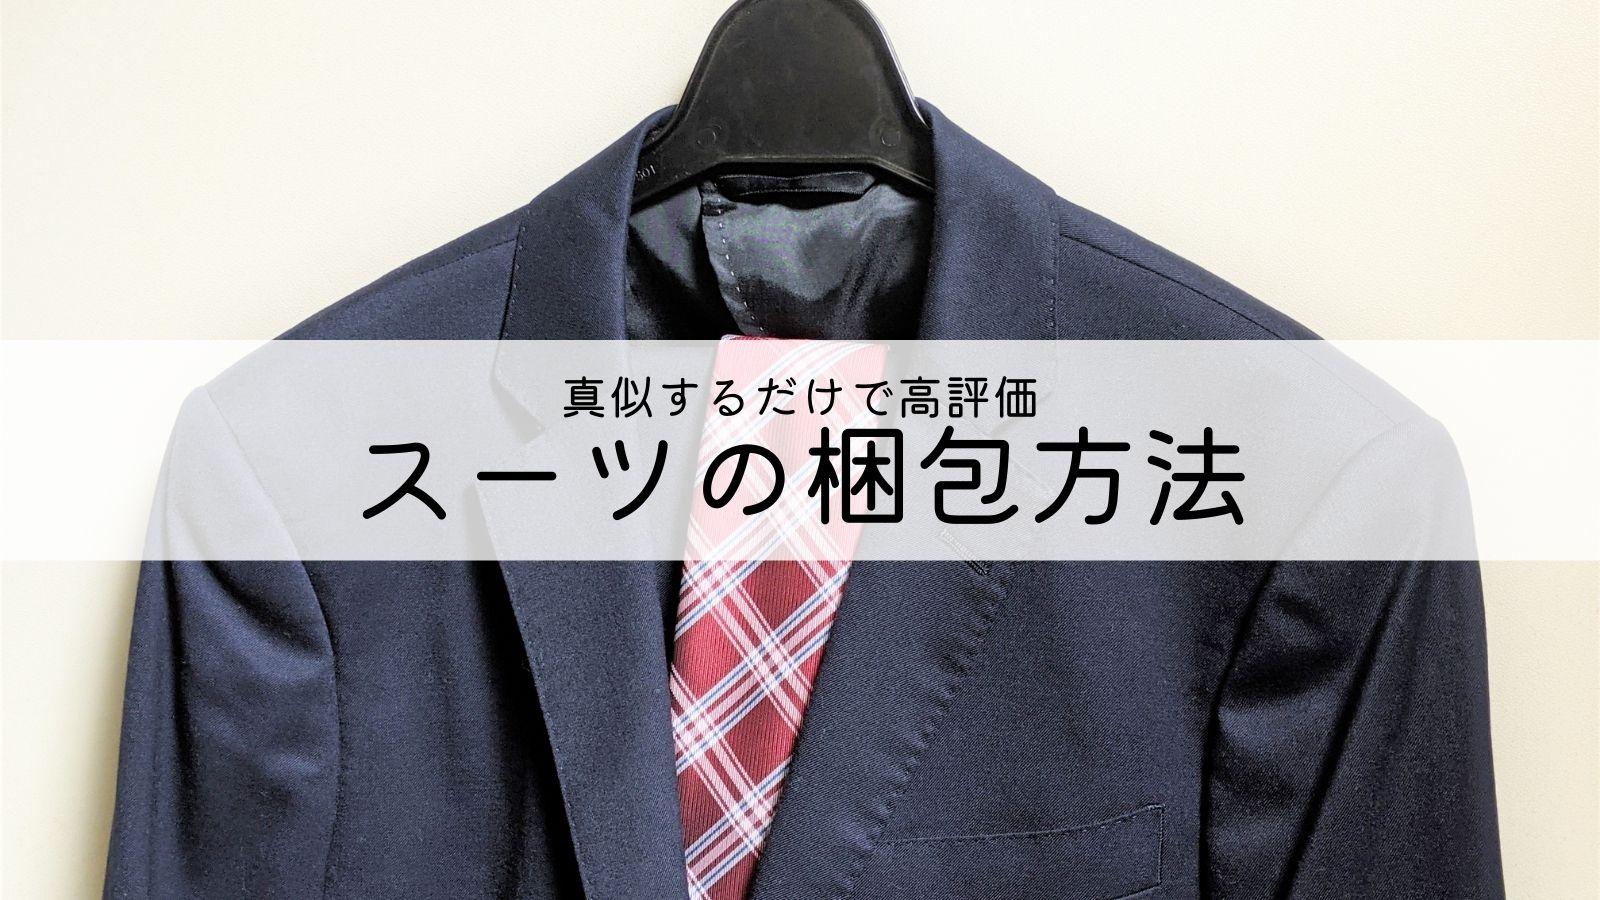 アイキャッチ画像・スーツの梱包方法